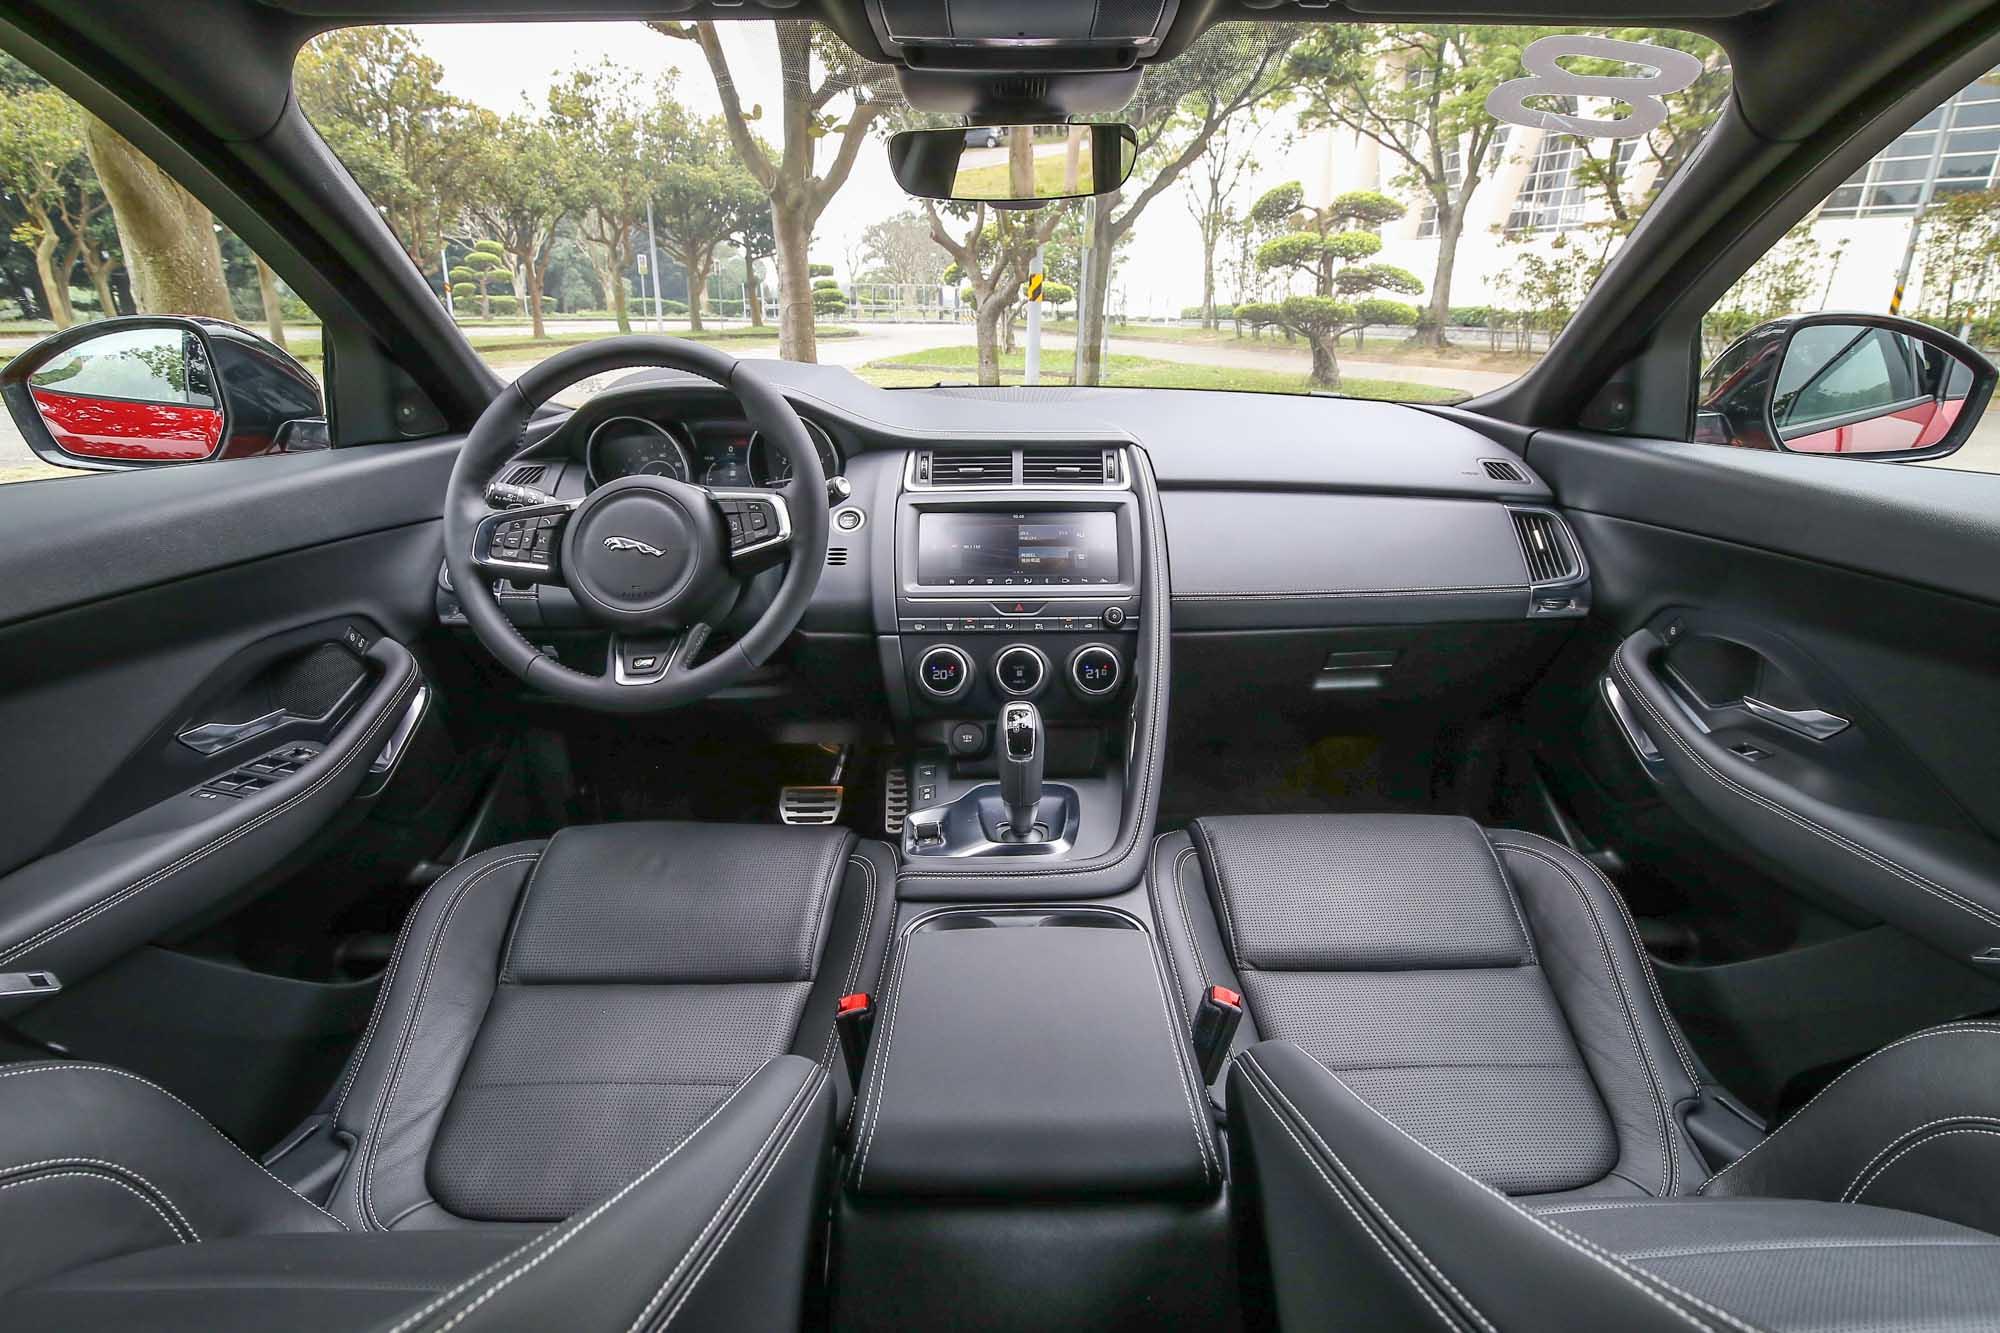 平心而論,座艙內的質感還有升級的空間。